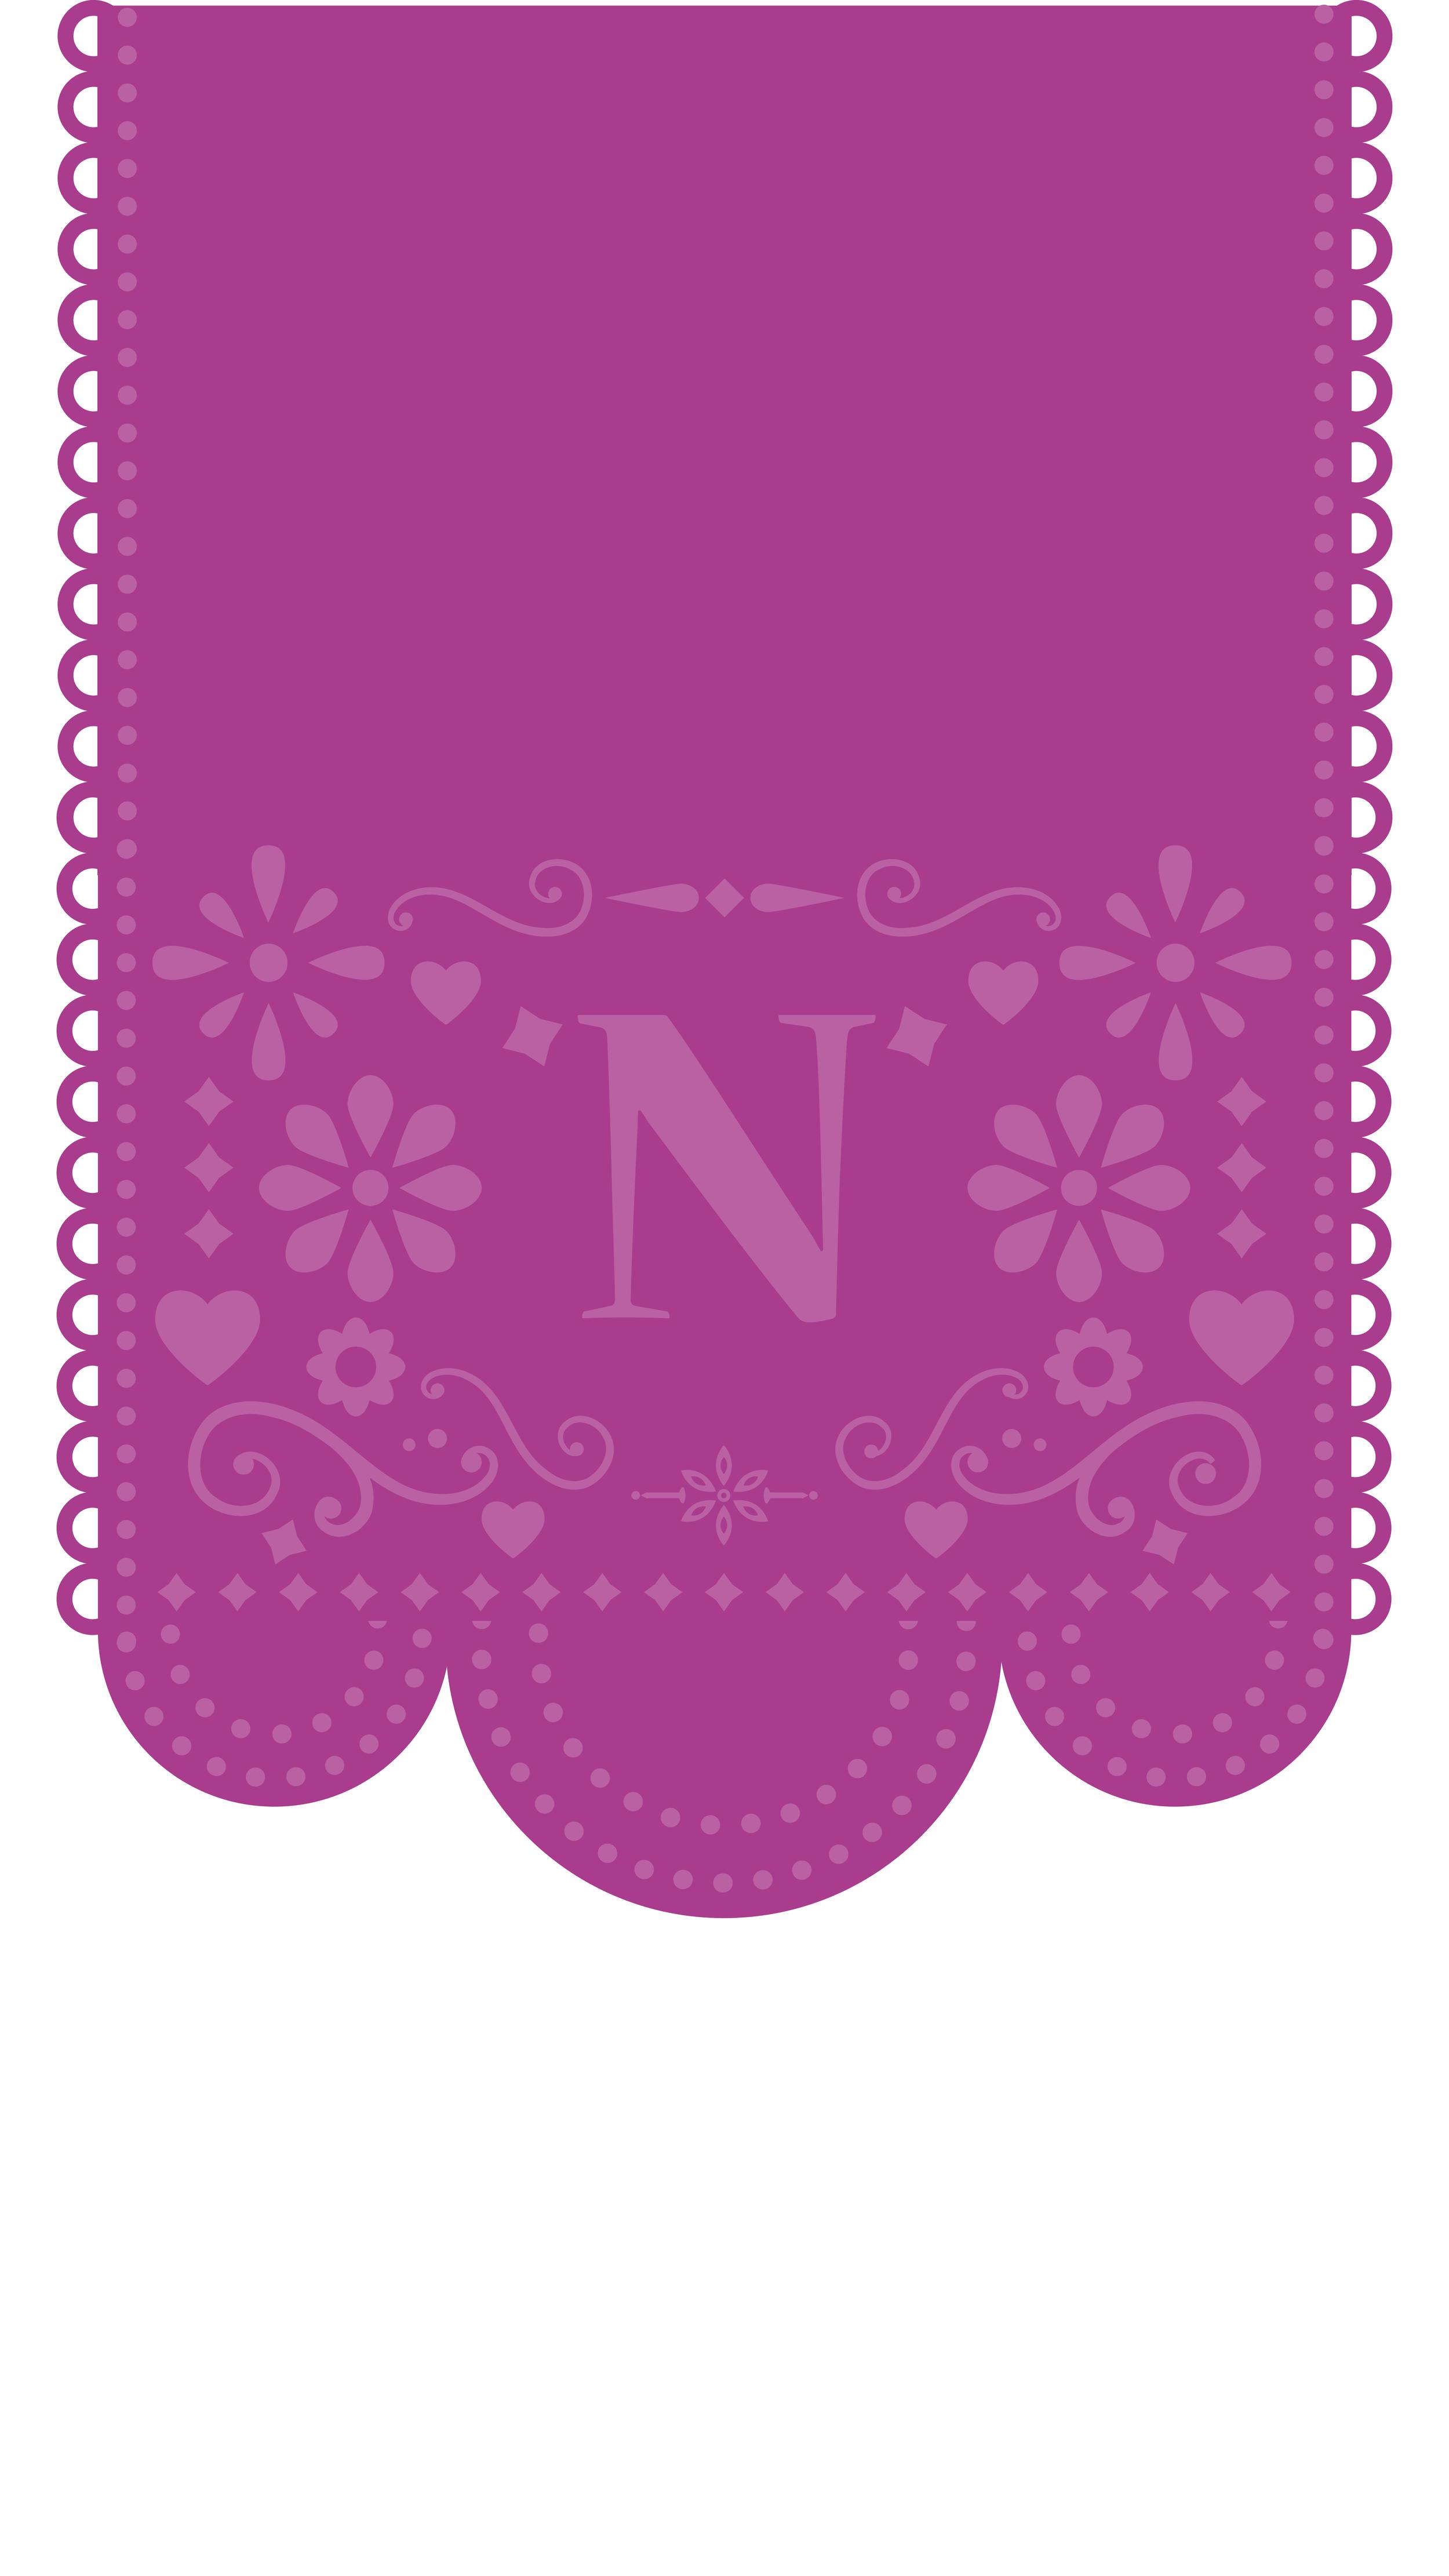 n-fiesta-banner.png